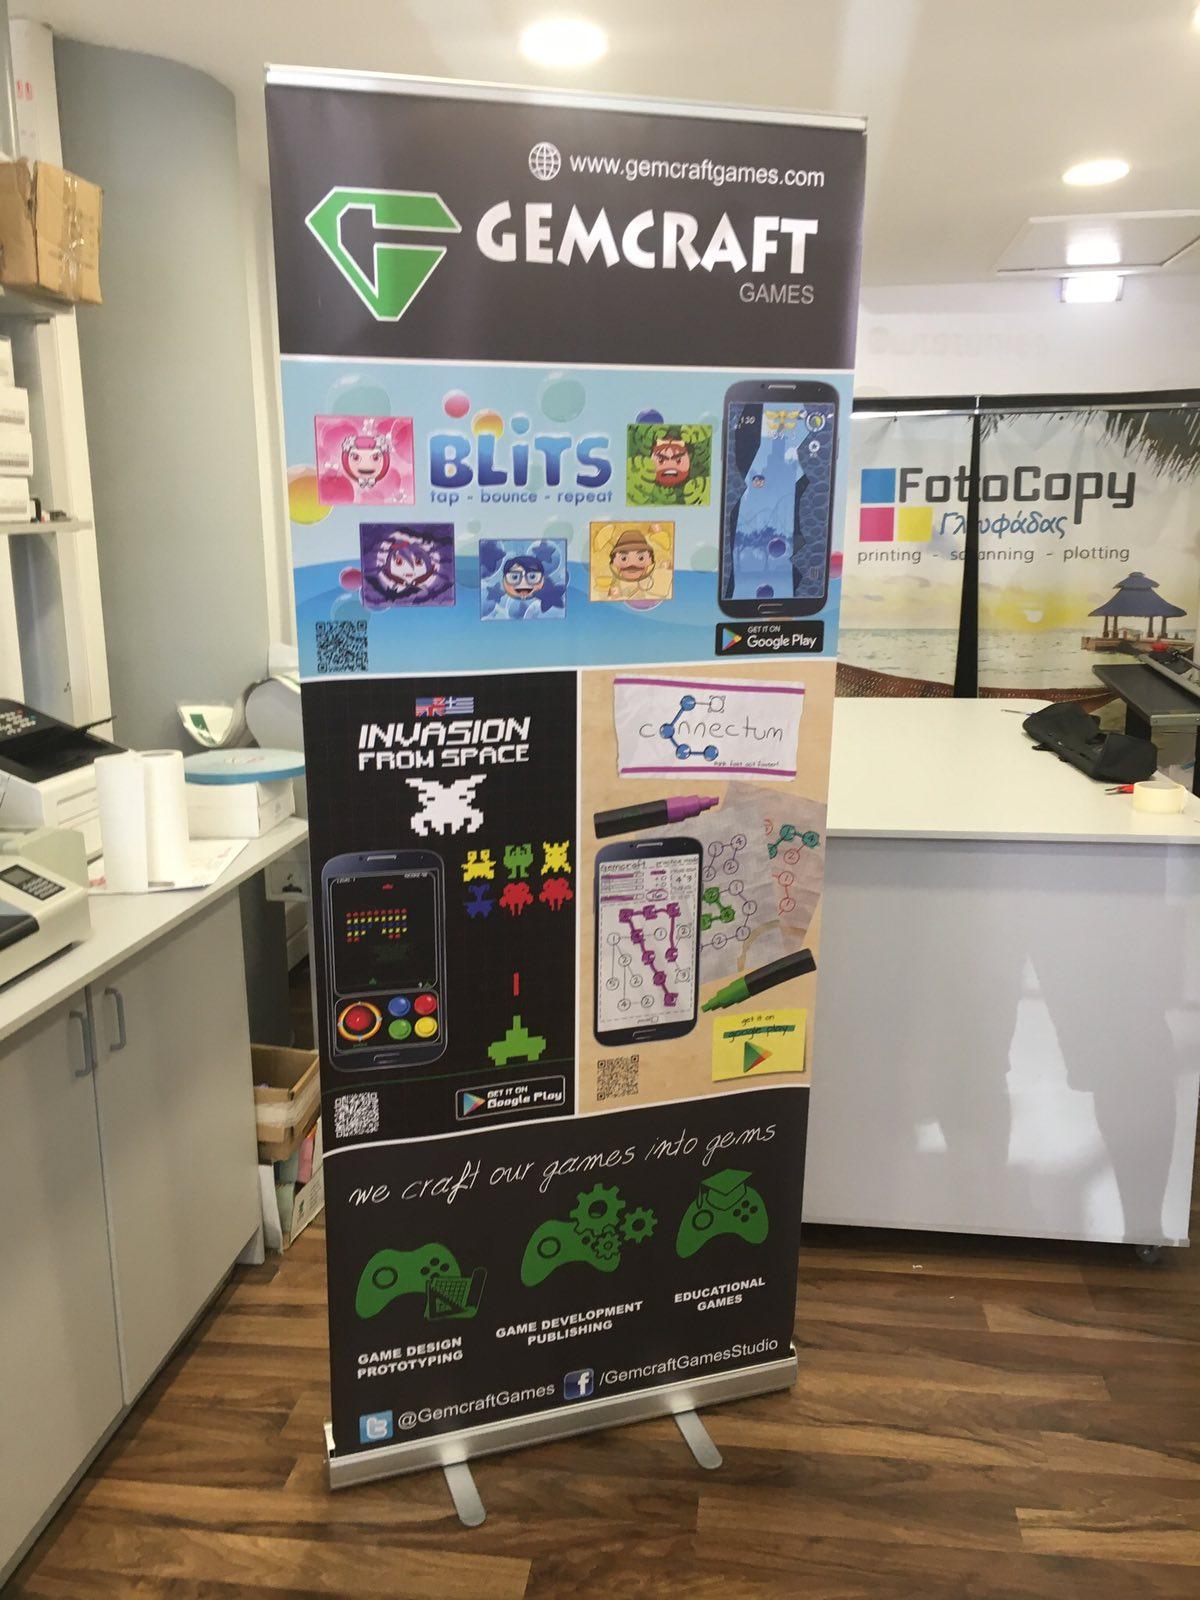 fotocopy-glyfadas-banner-2